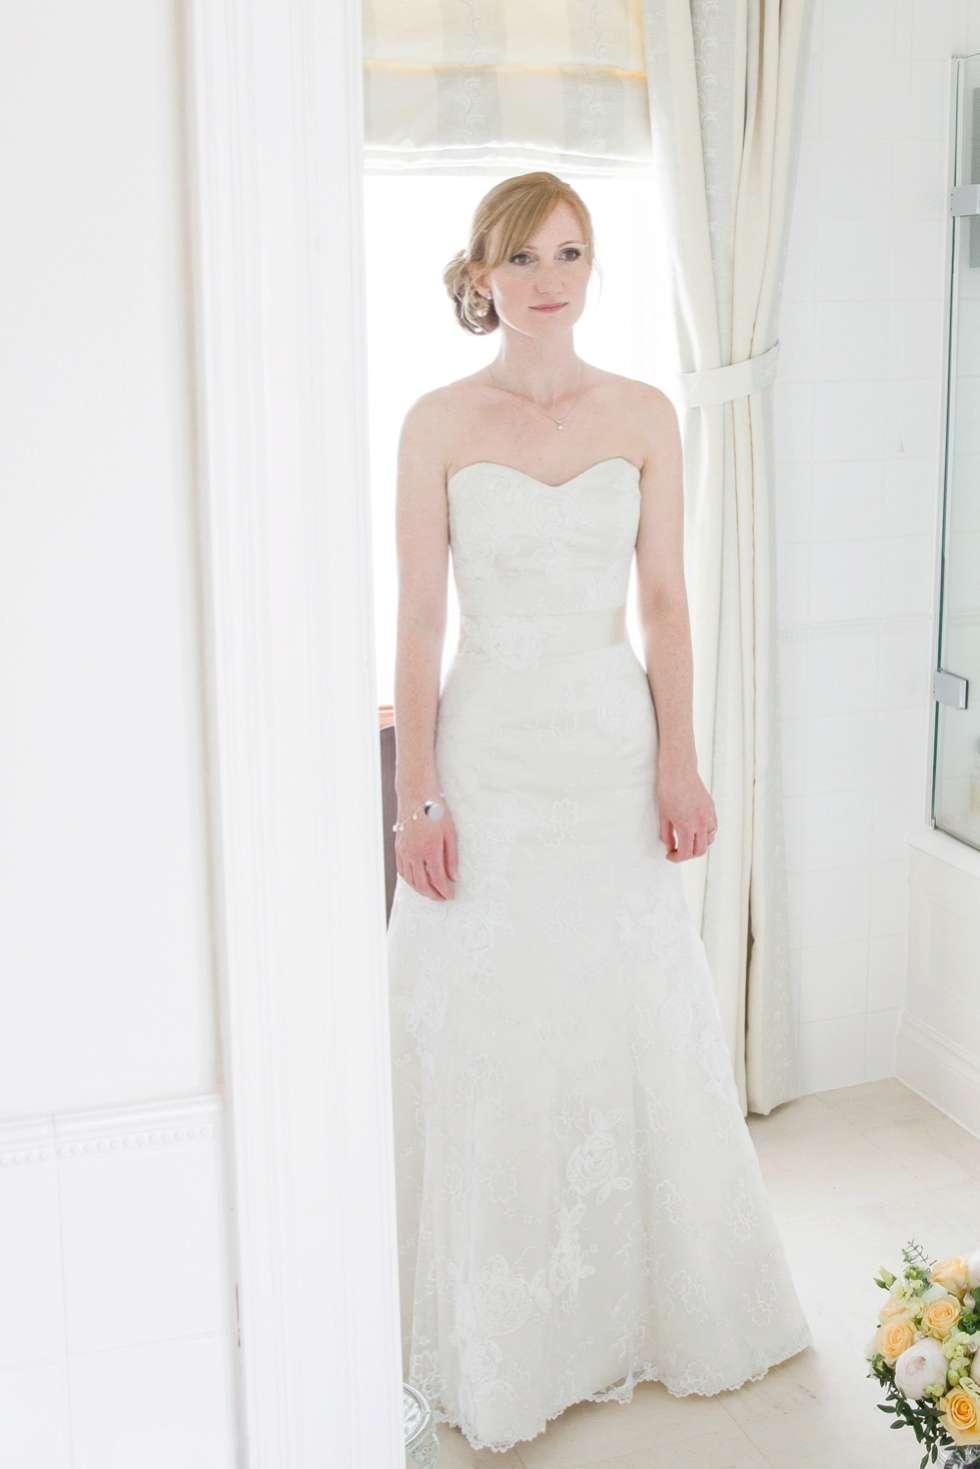 DEVEN-WEDDING-PHOTOGRAPHER-DEER-PARK-HOTEL-0008